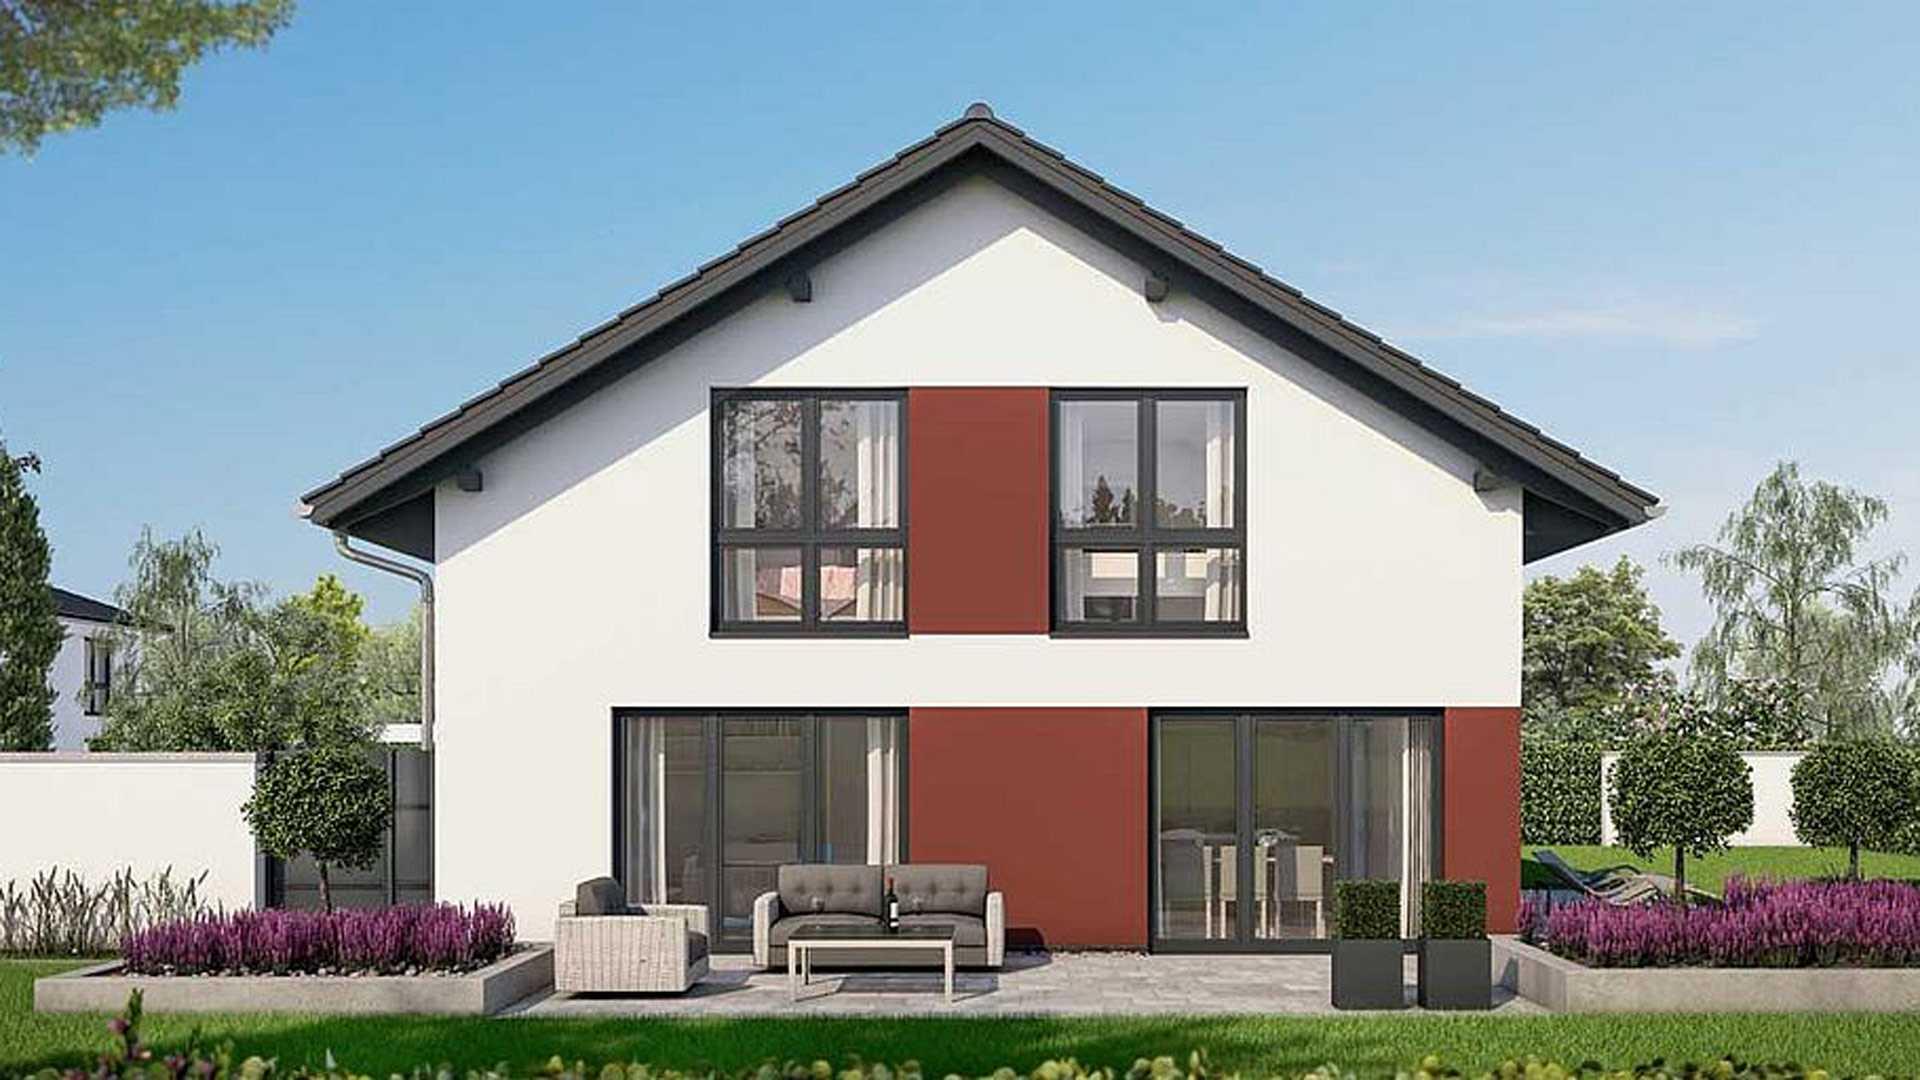 Neues WOHNIDEE Musterhaus von Viebrockhaus